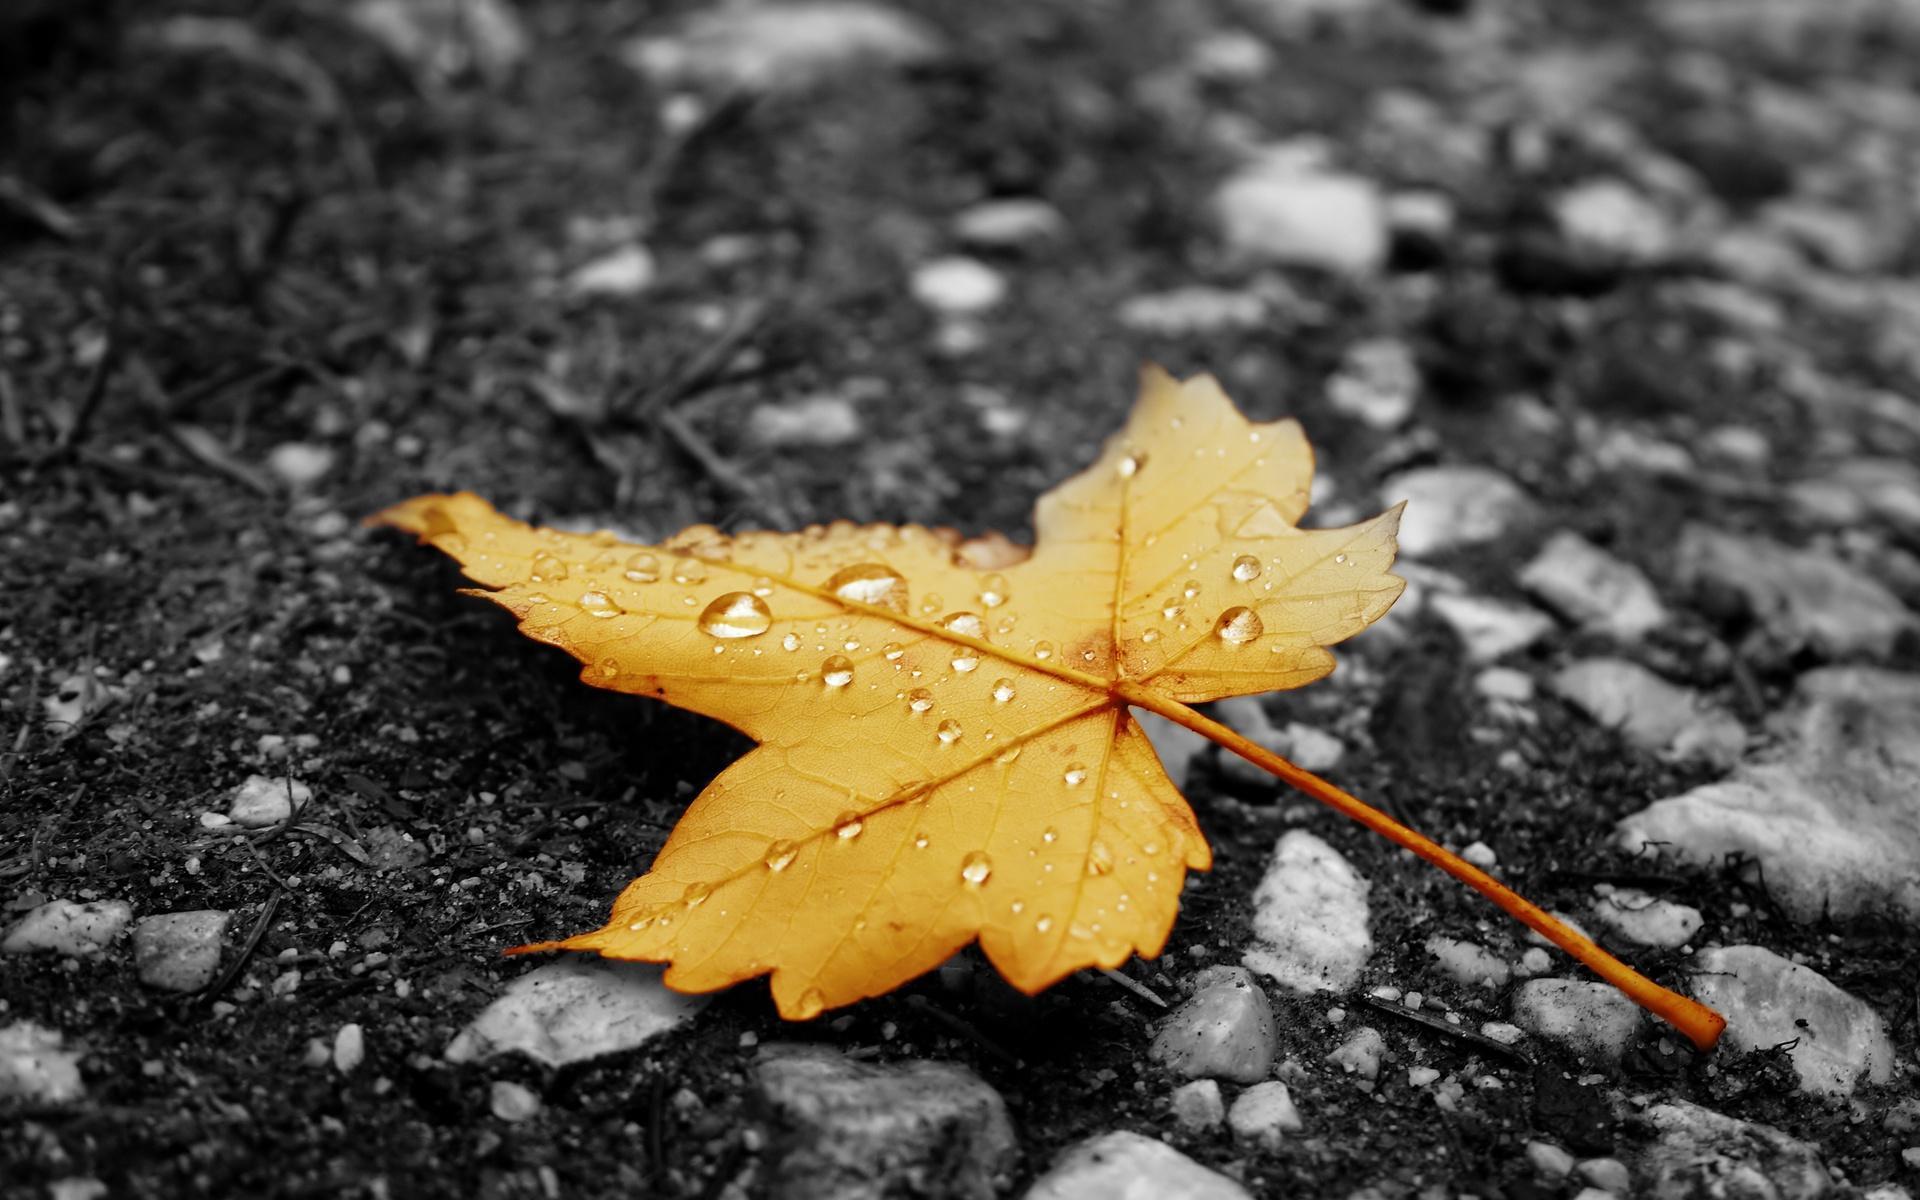 С дождем, – дождь скачать hd картинки | 1200x1920